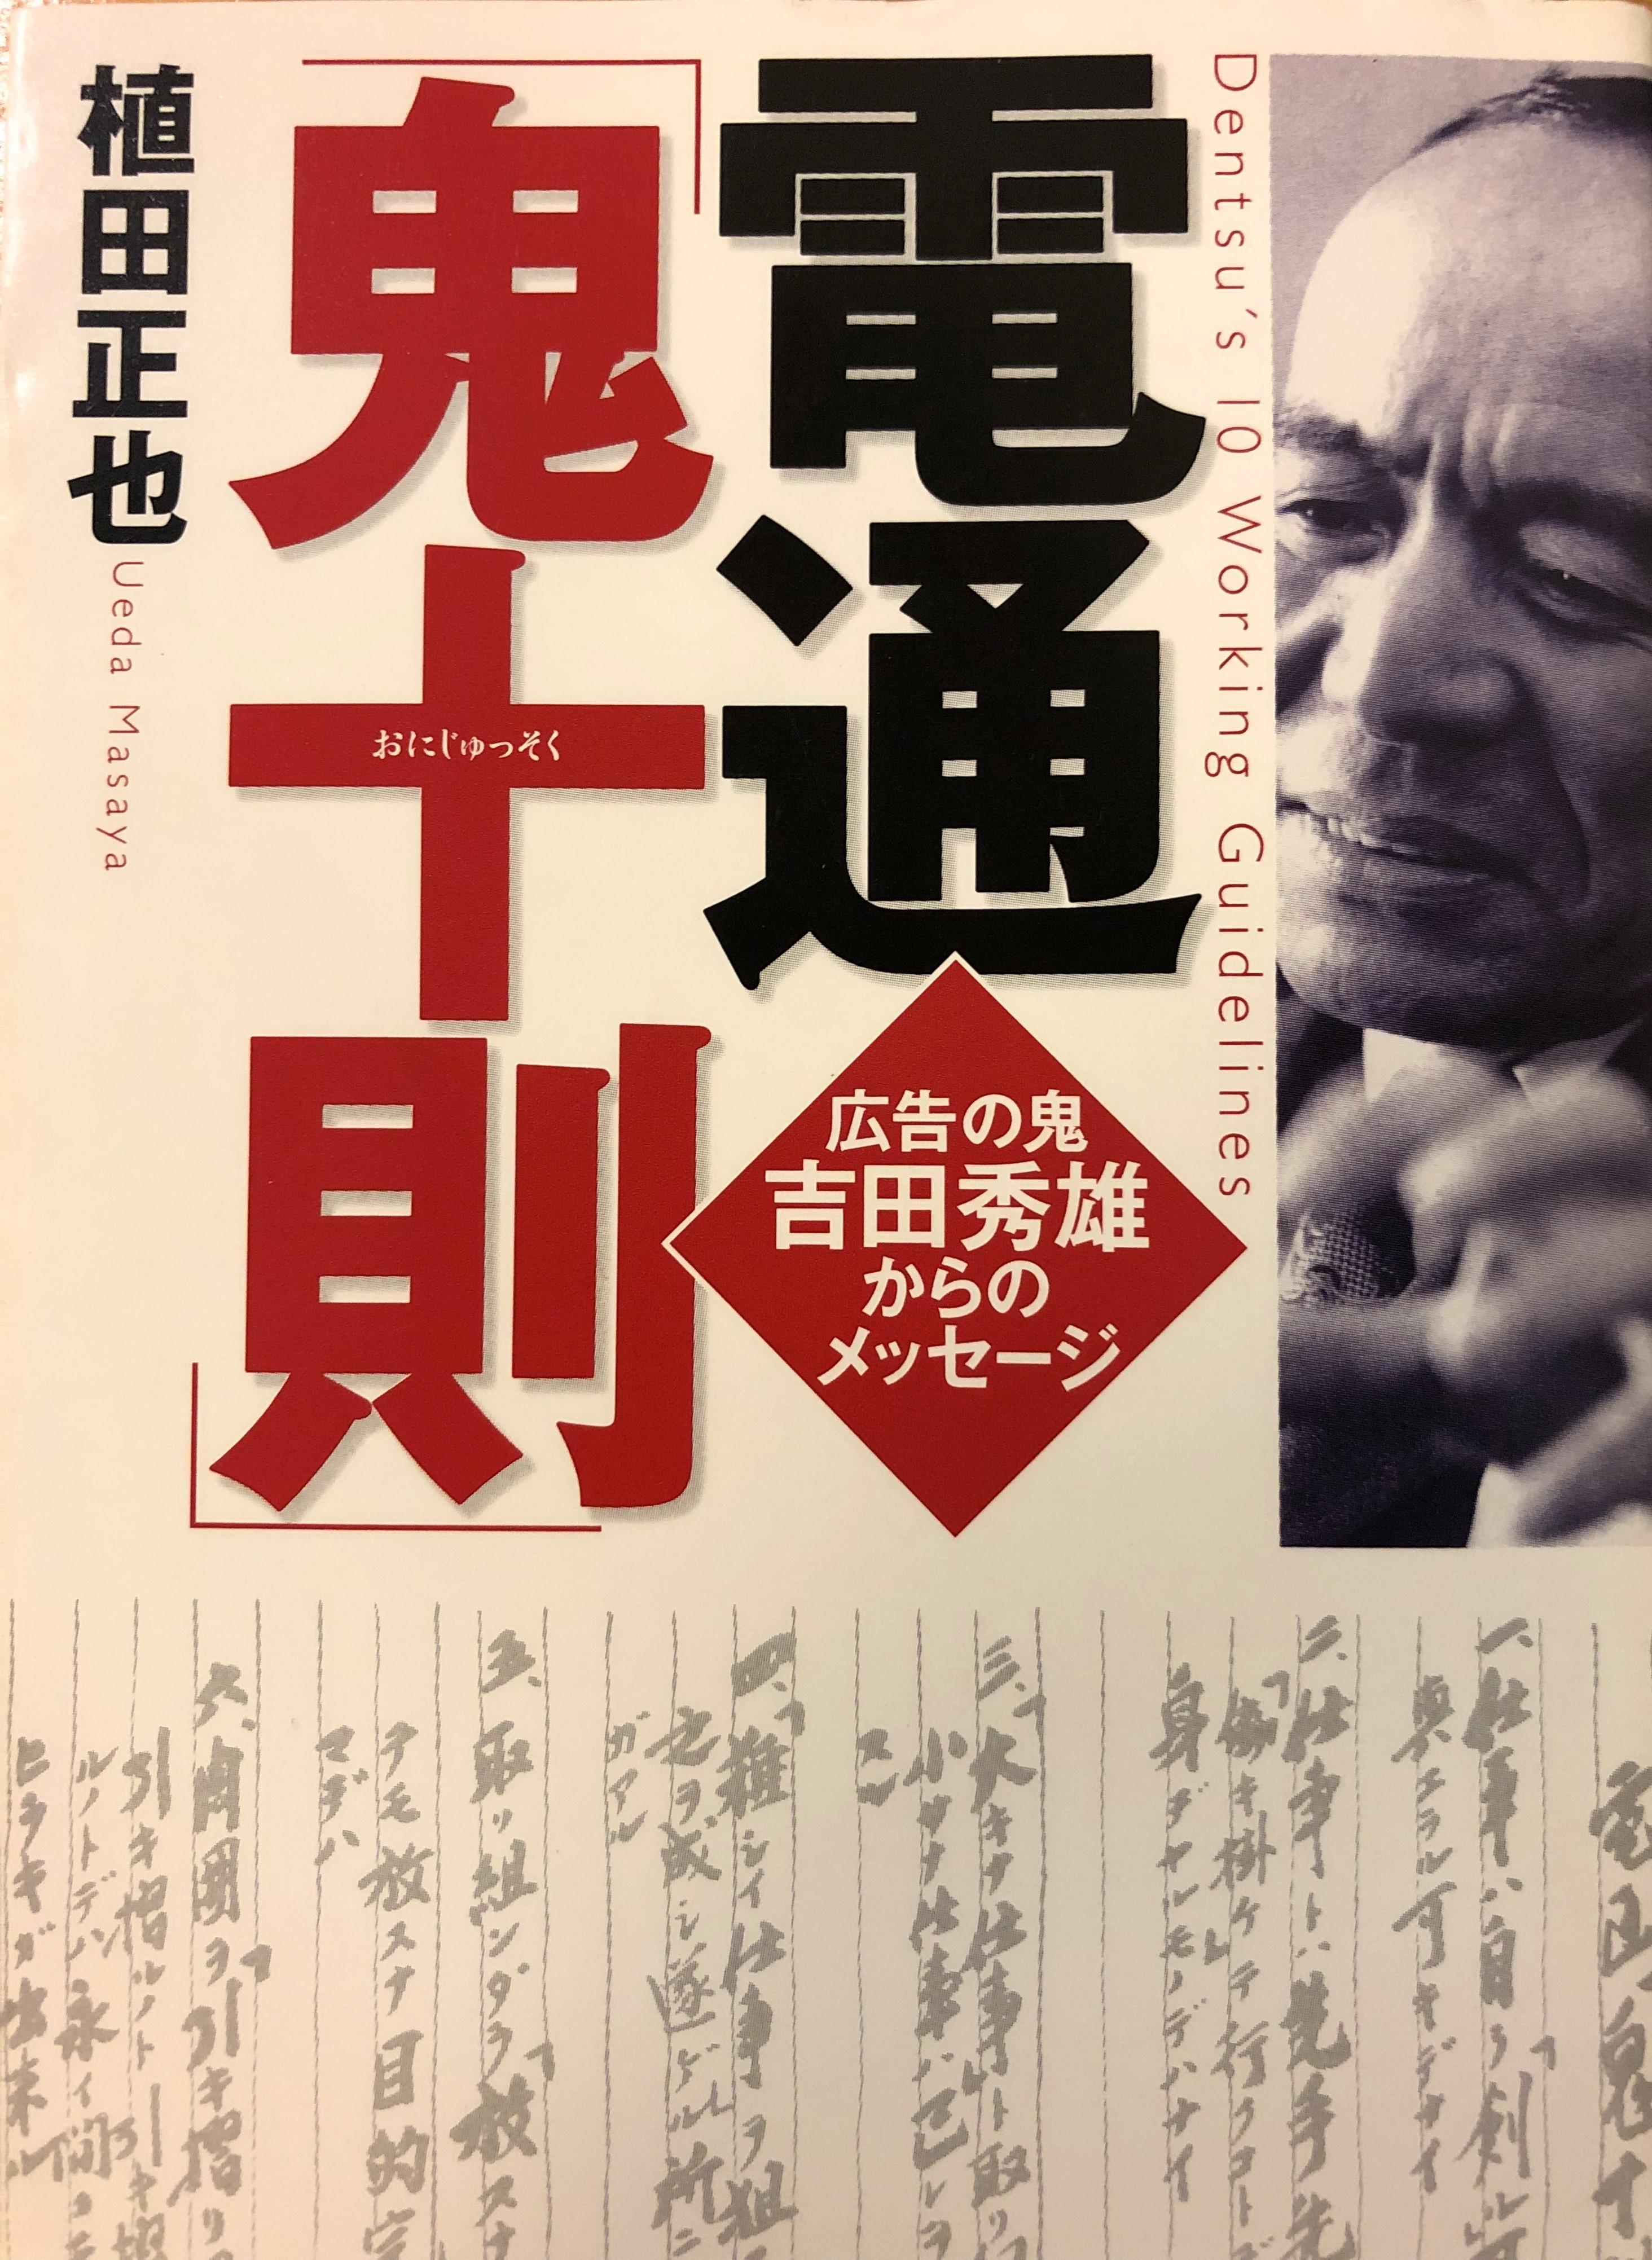 書籍「電通「鬼十則」」の表紙